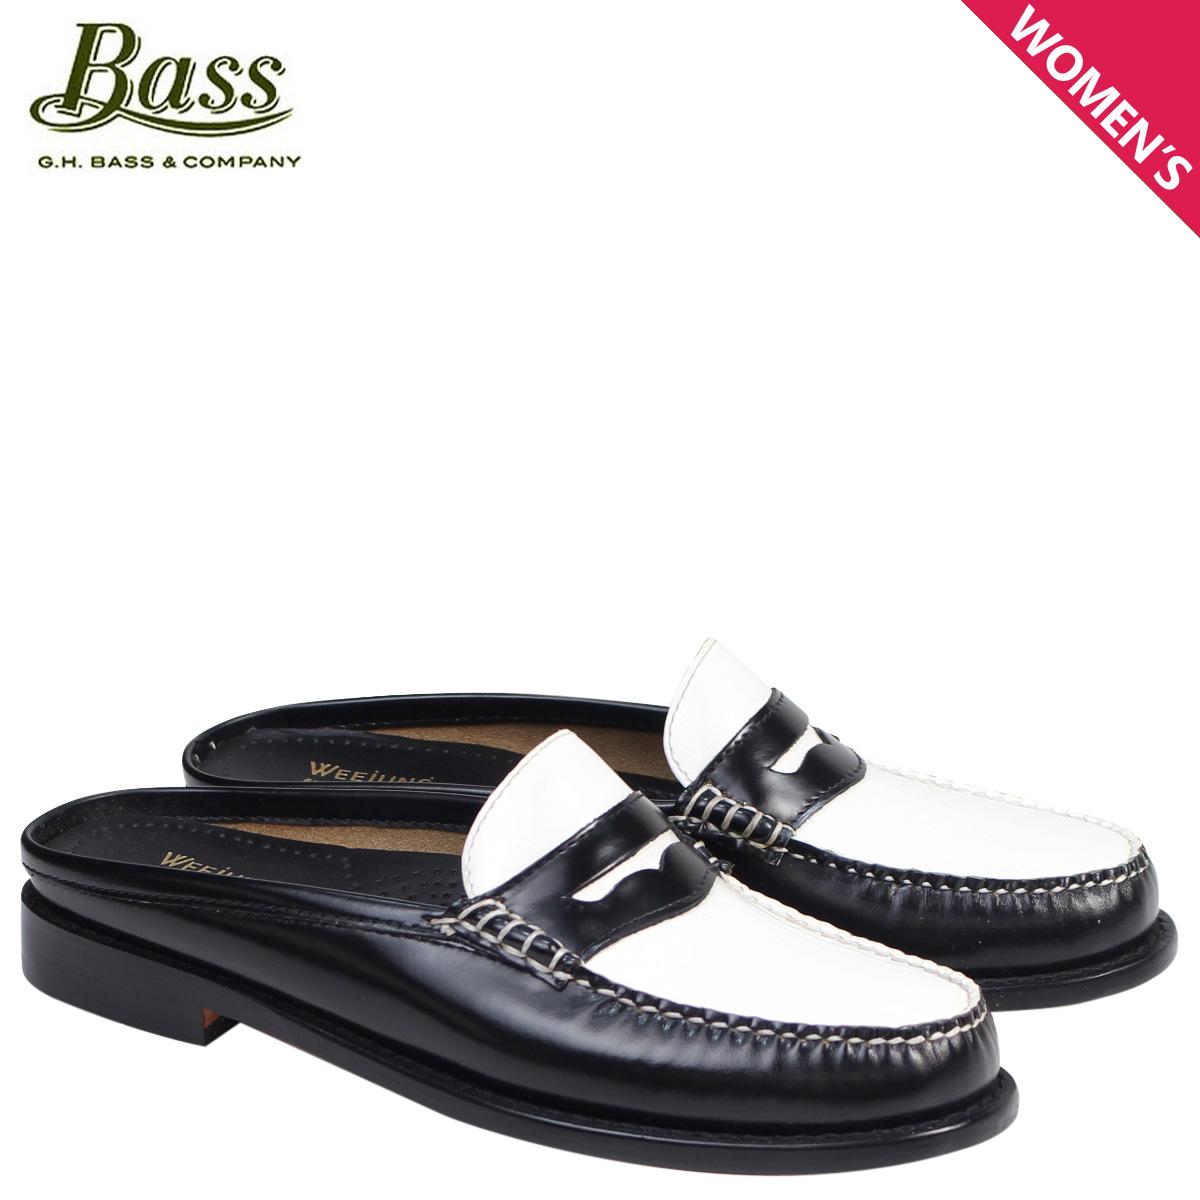 新作からSALEアイテム等お得な商品満載 G.H. BASS ローファー ジーエイチバス サンダル レディース 靴 サンダル スリッパ バブーシュ LEATHER WYNN PATENT LEATHER MULE WEEJUNS 71-22864 靴 ブラック ホワイト, シブシチョウ:cac8cc5f --- construart30.dominiotemporario.com